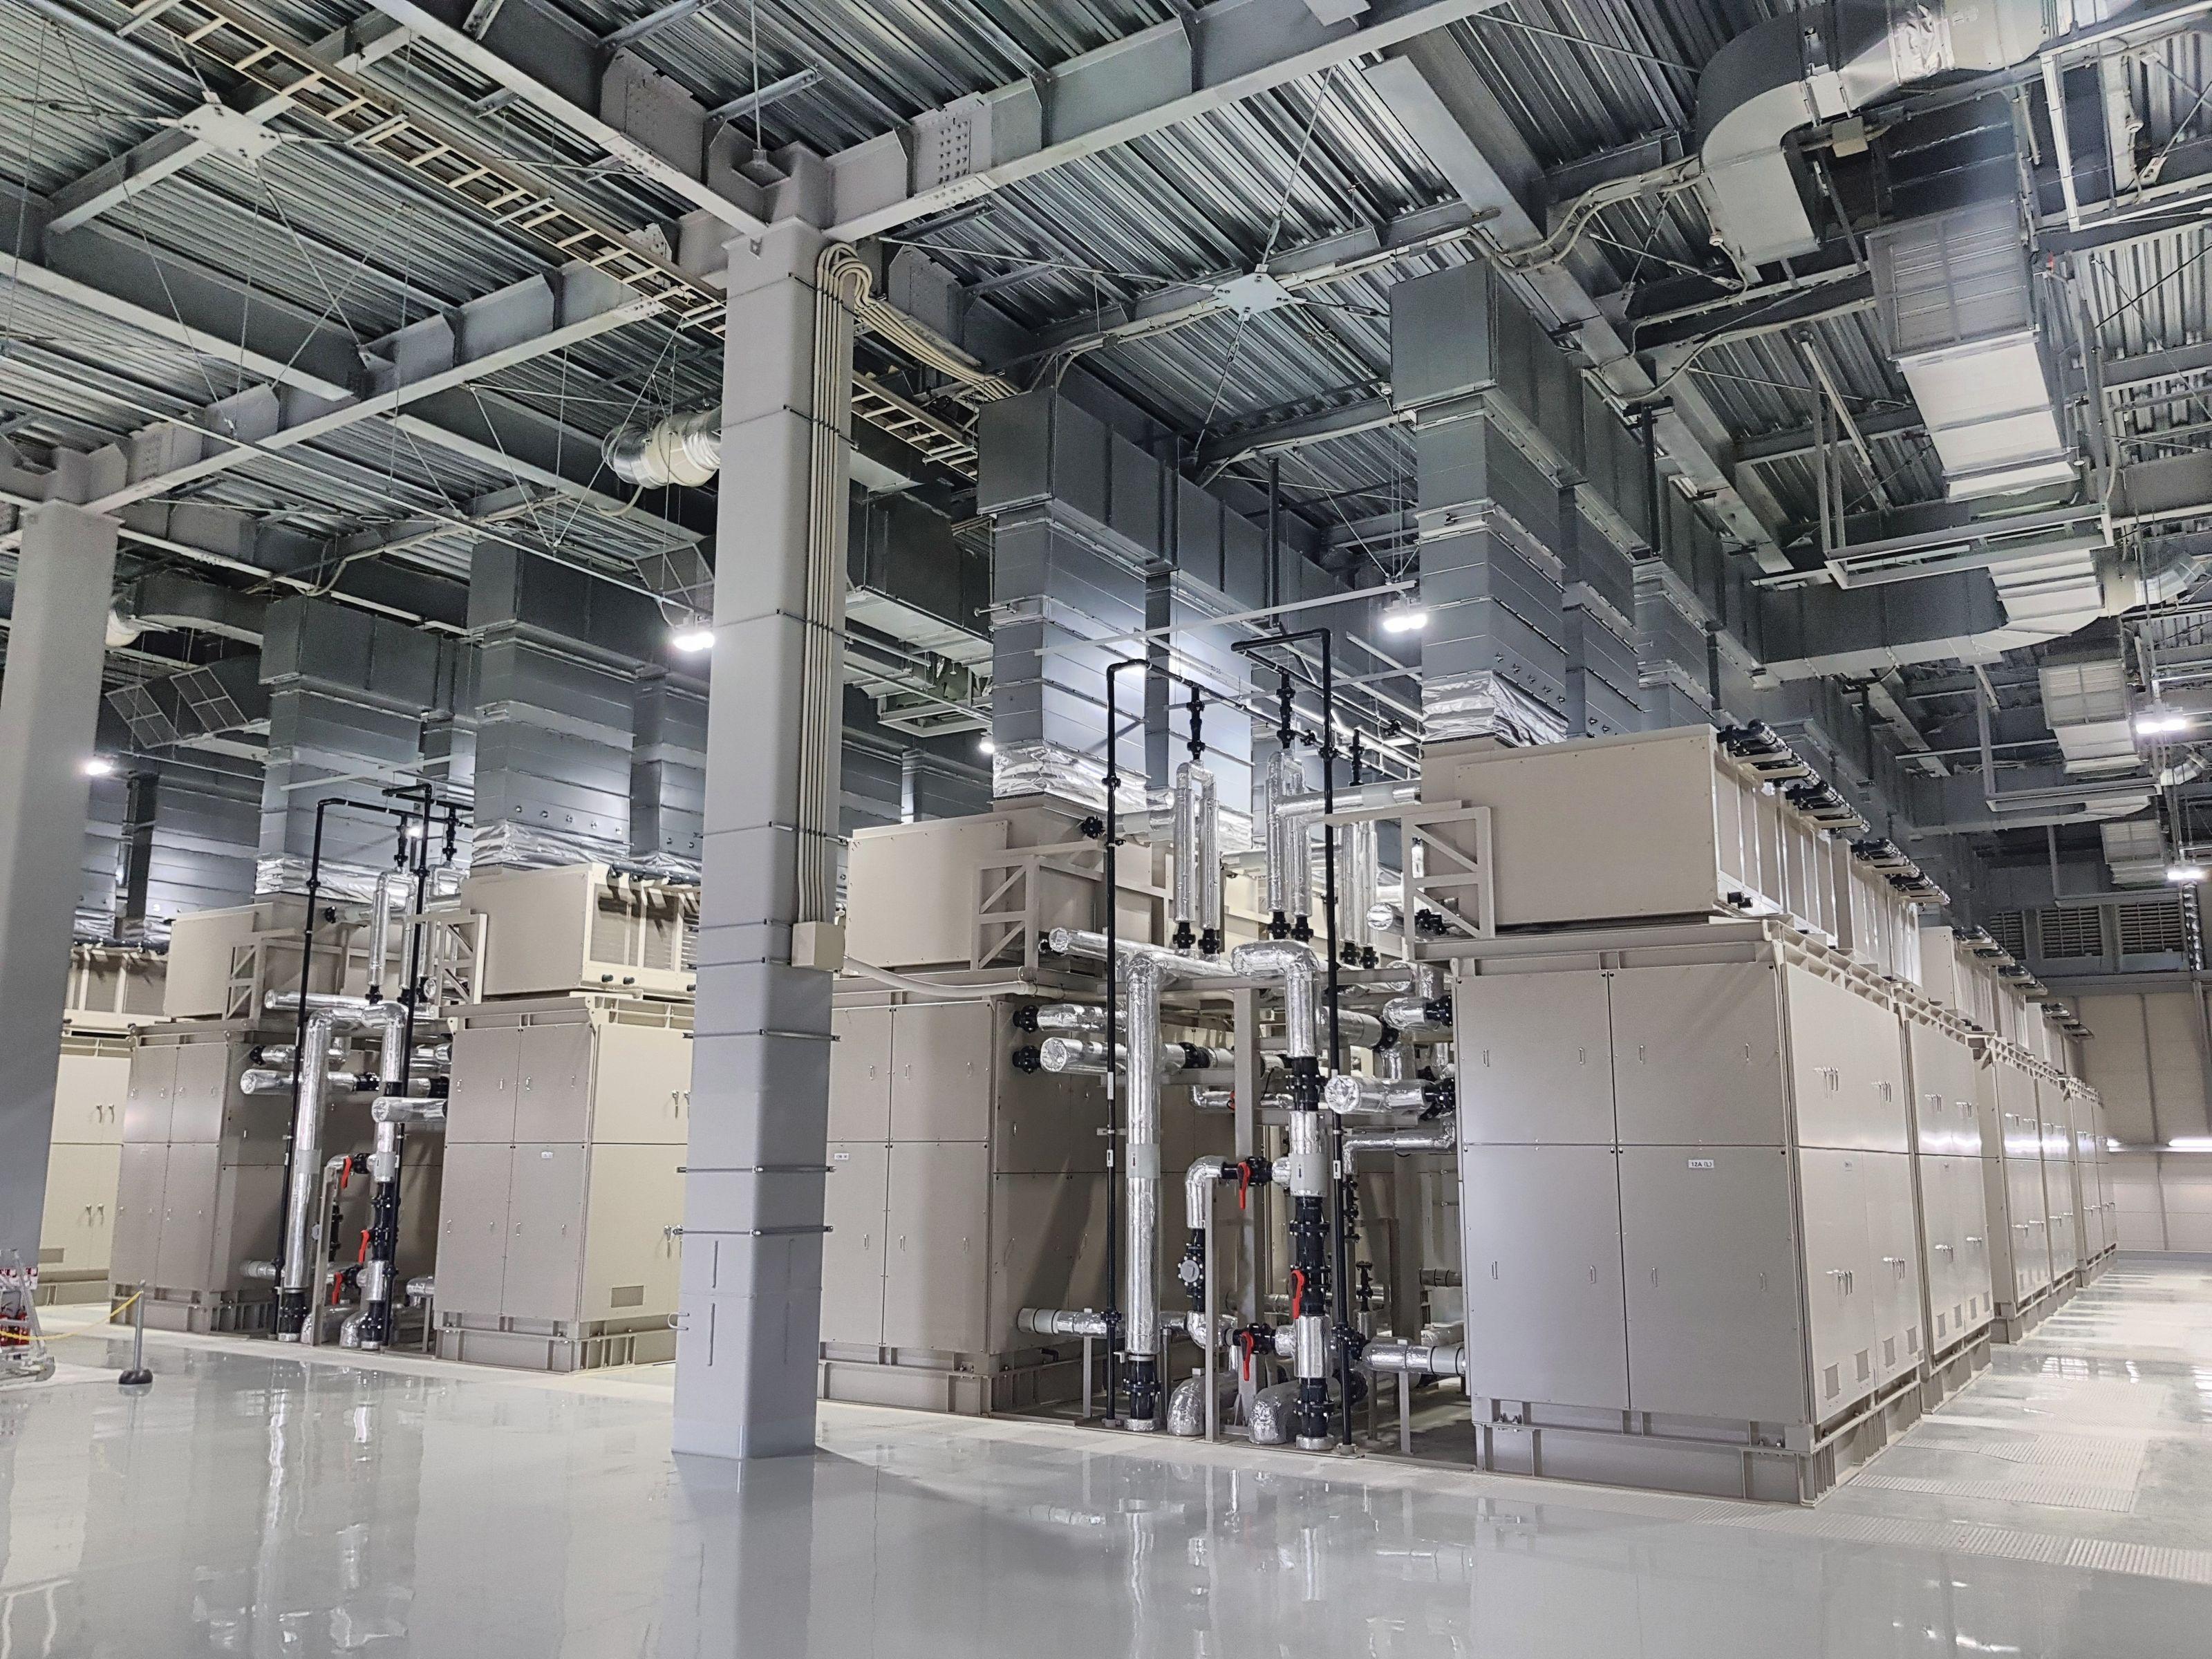 Hokkaido Electric Power Corp's 60 MWh vanadium flow battery